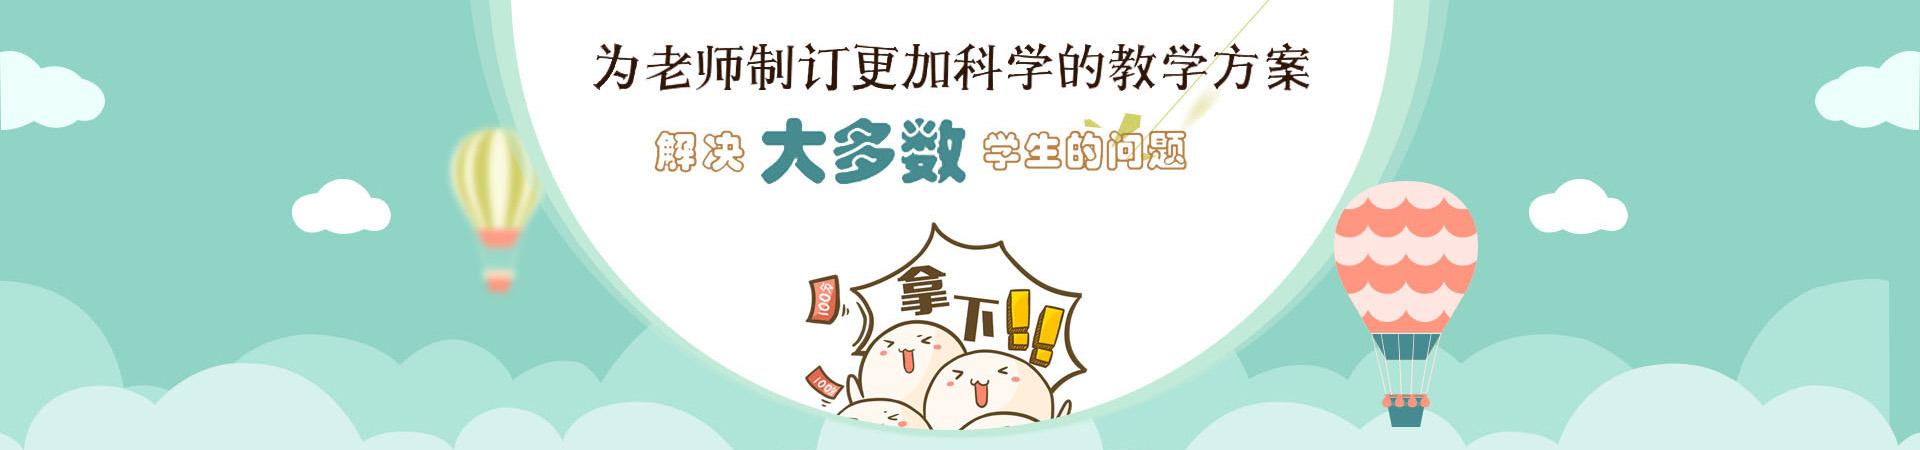 重庆教育培训网,重庆教育培训企业,重庆教育培训班,重庆教育培训哪家更好